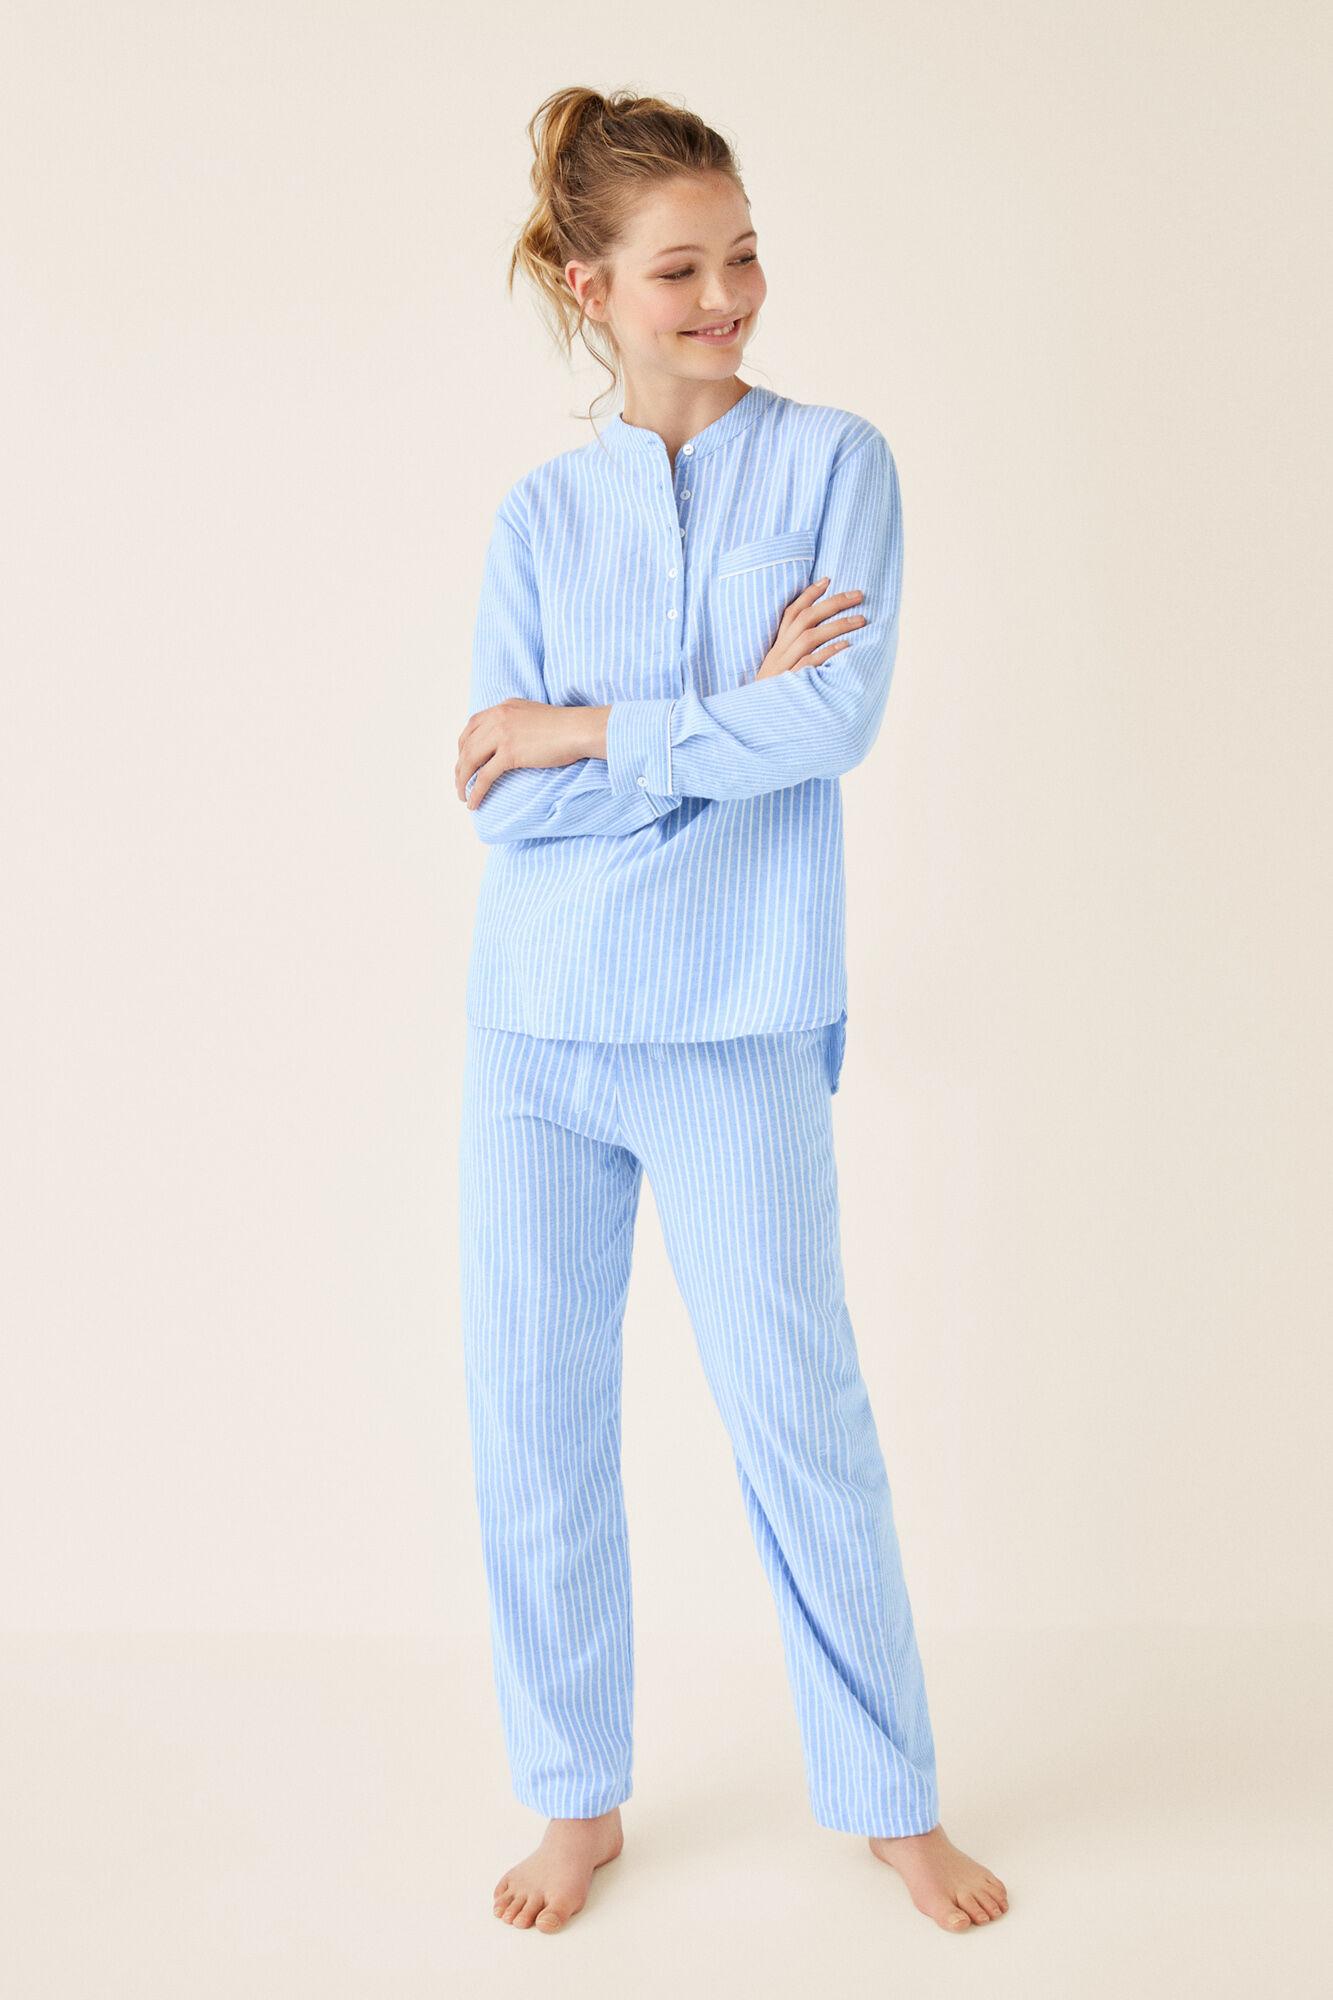 Women Pijamas Prendas Homewear Camisones De Batas Y Dormir 07PBn6Pq4